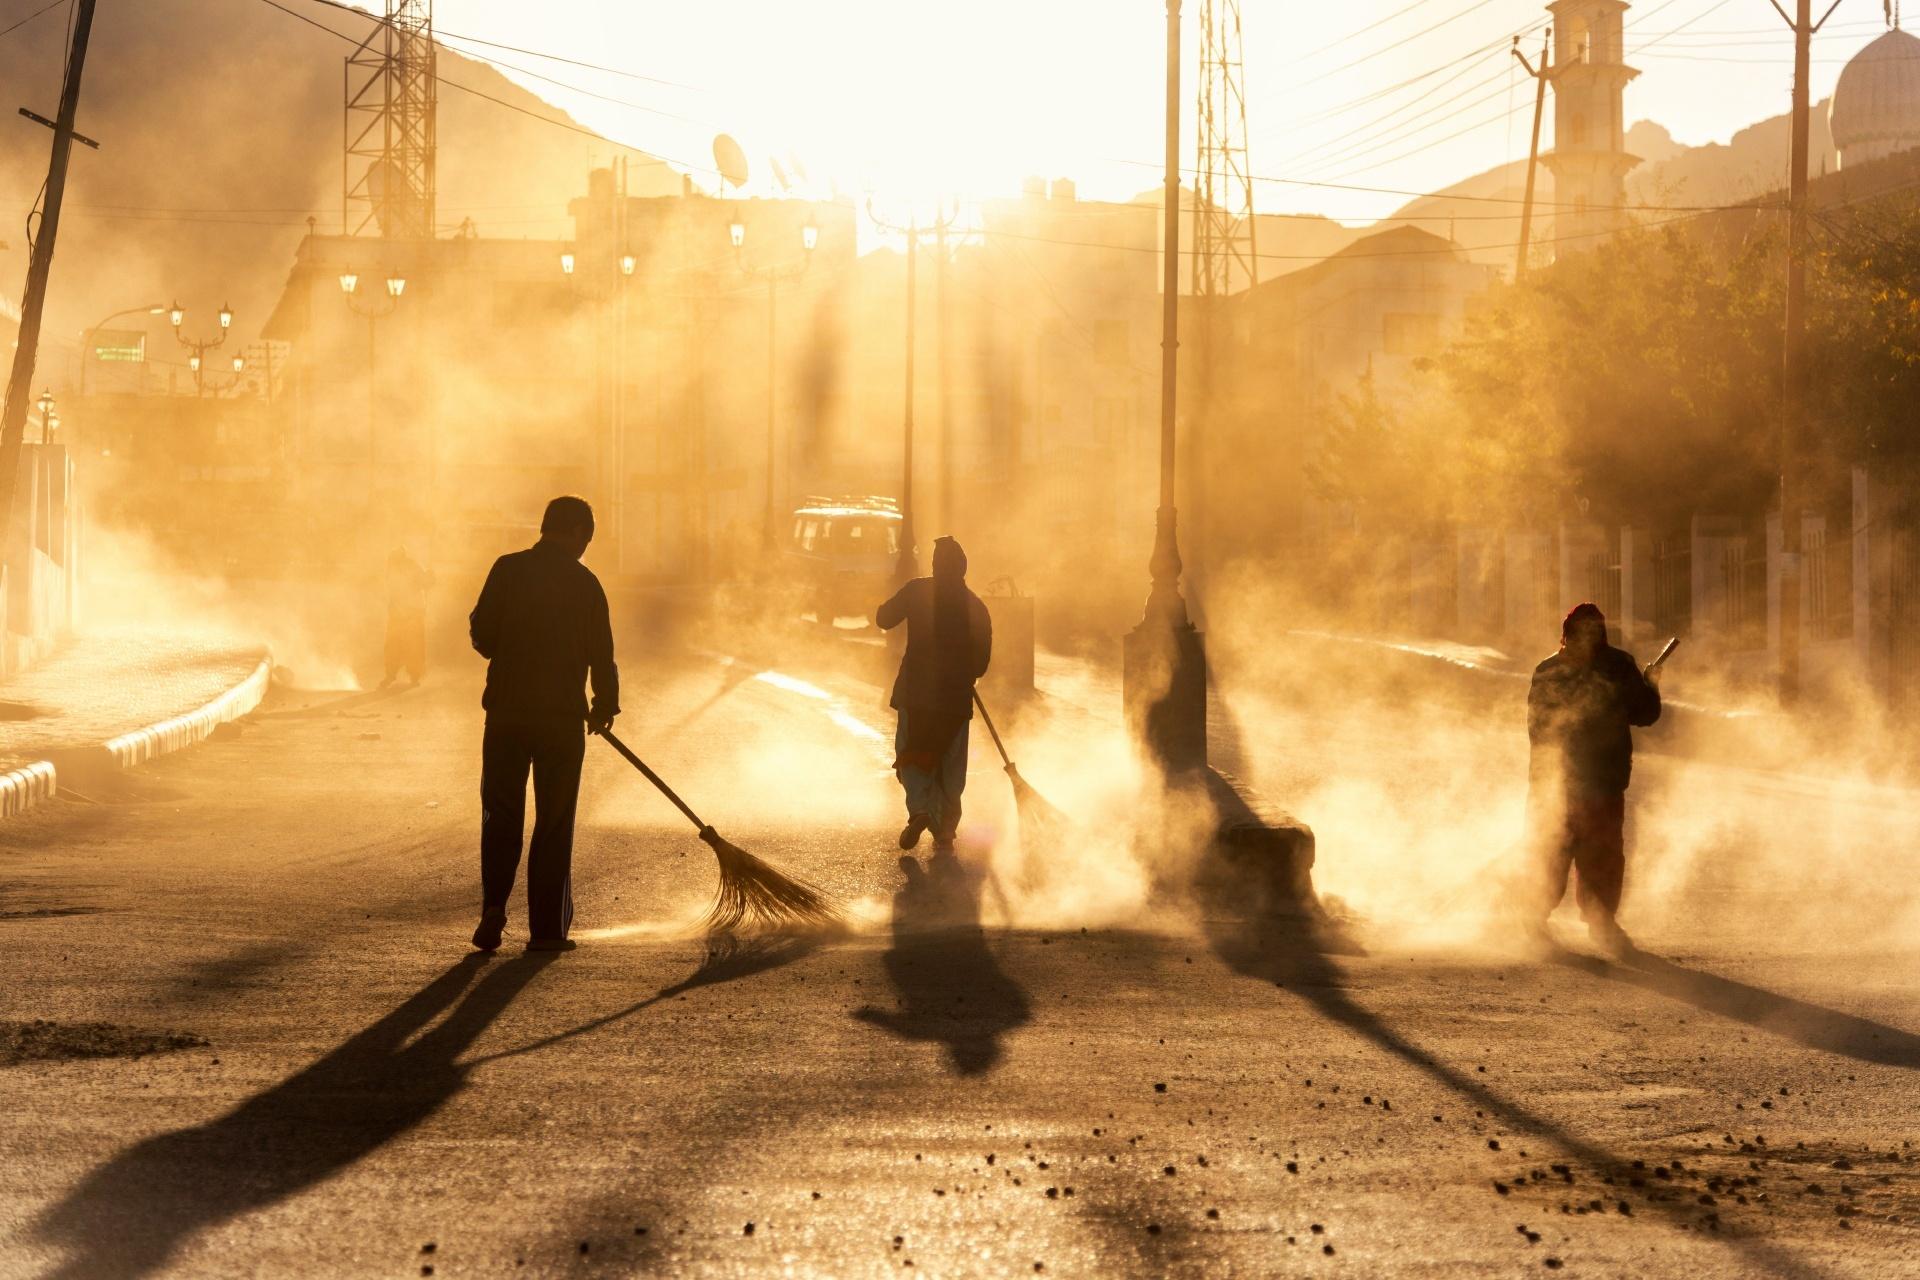 レー市場通りを掃く人々 インドの風景